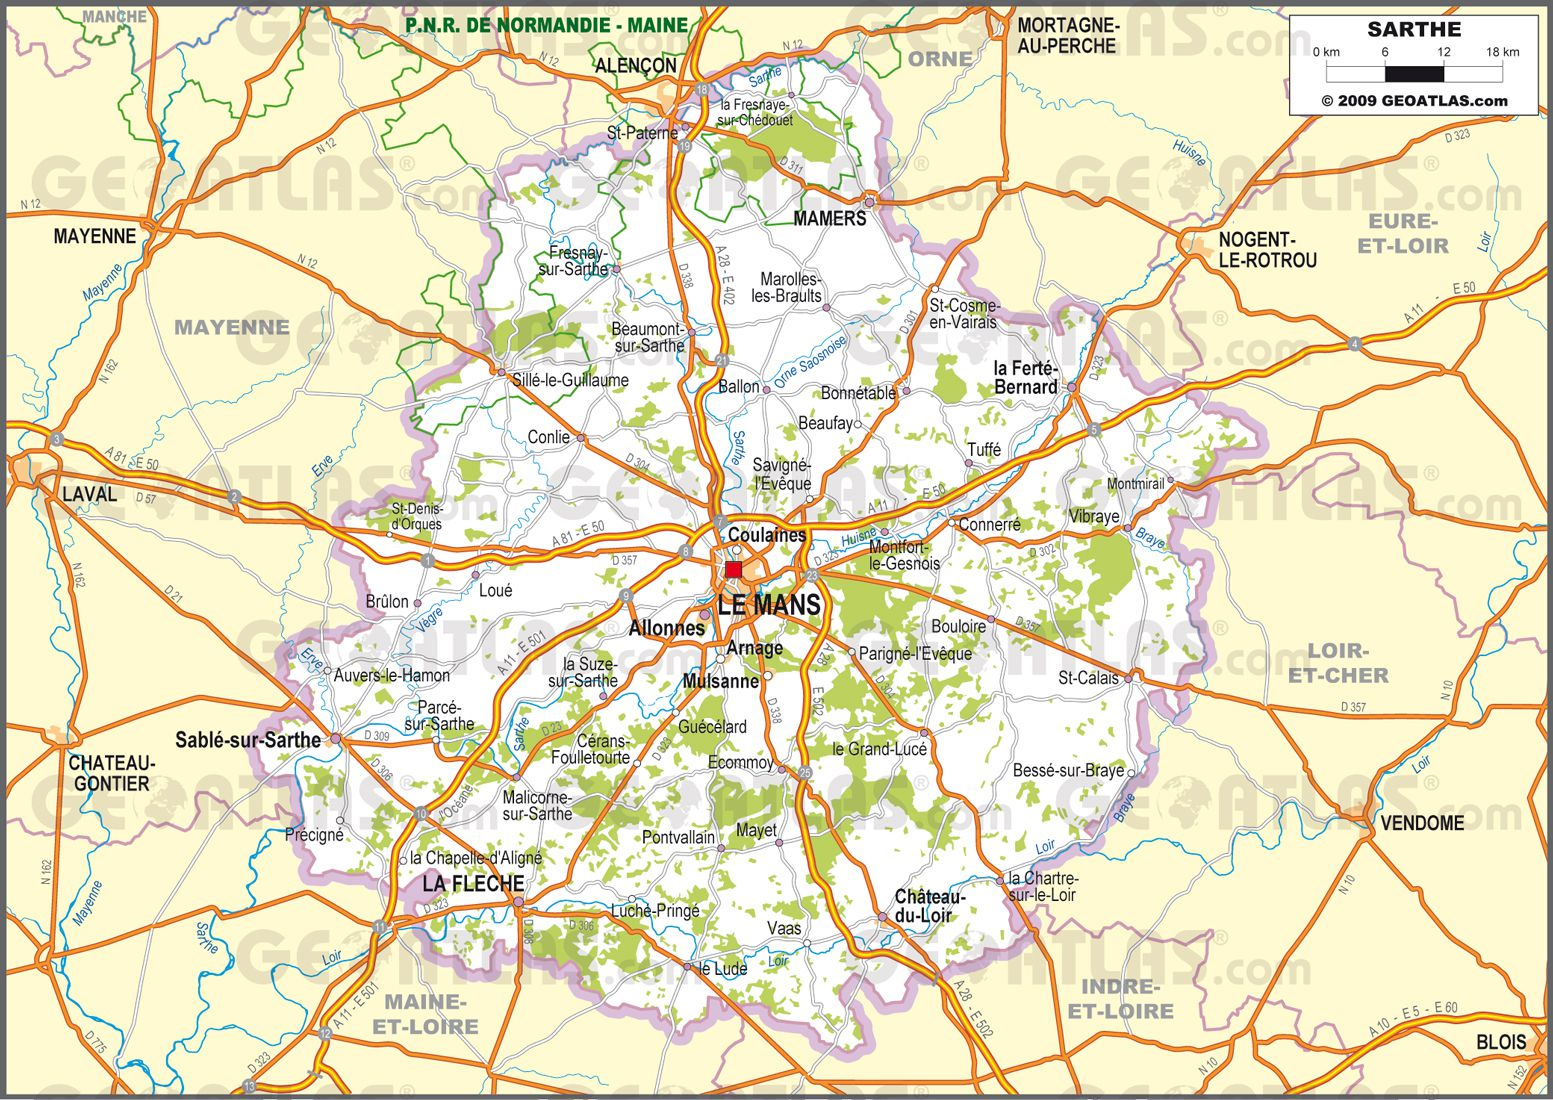 Carte routière de la Sarthe